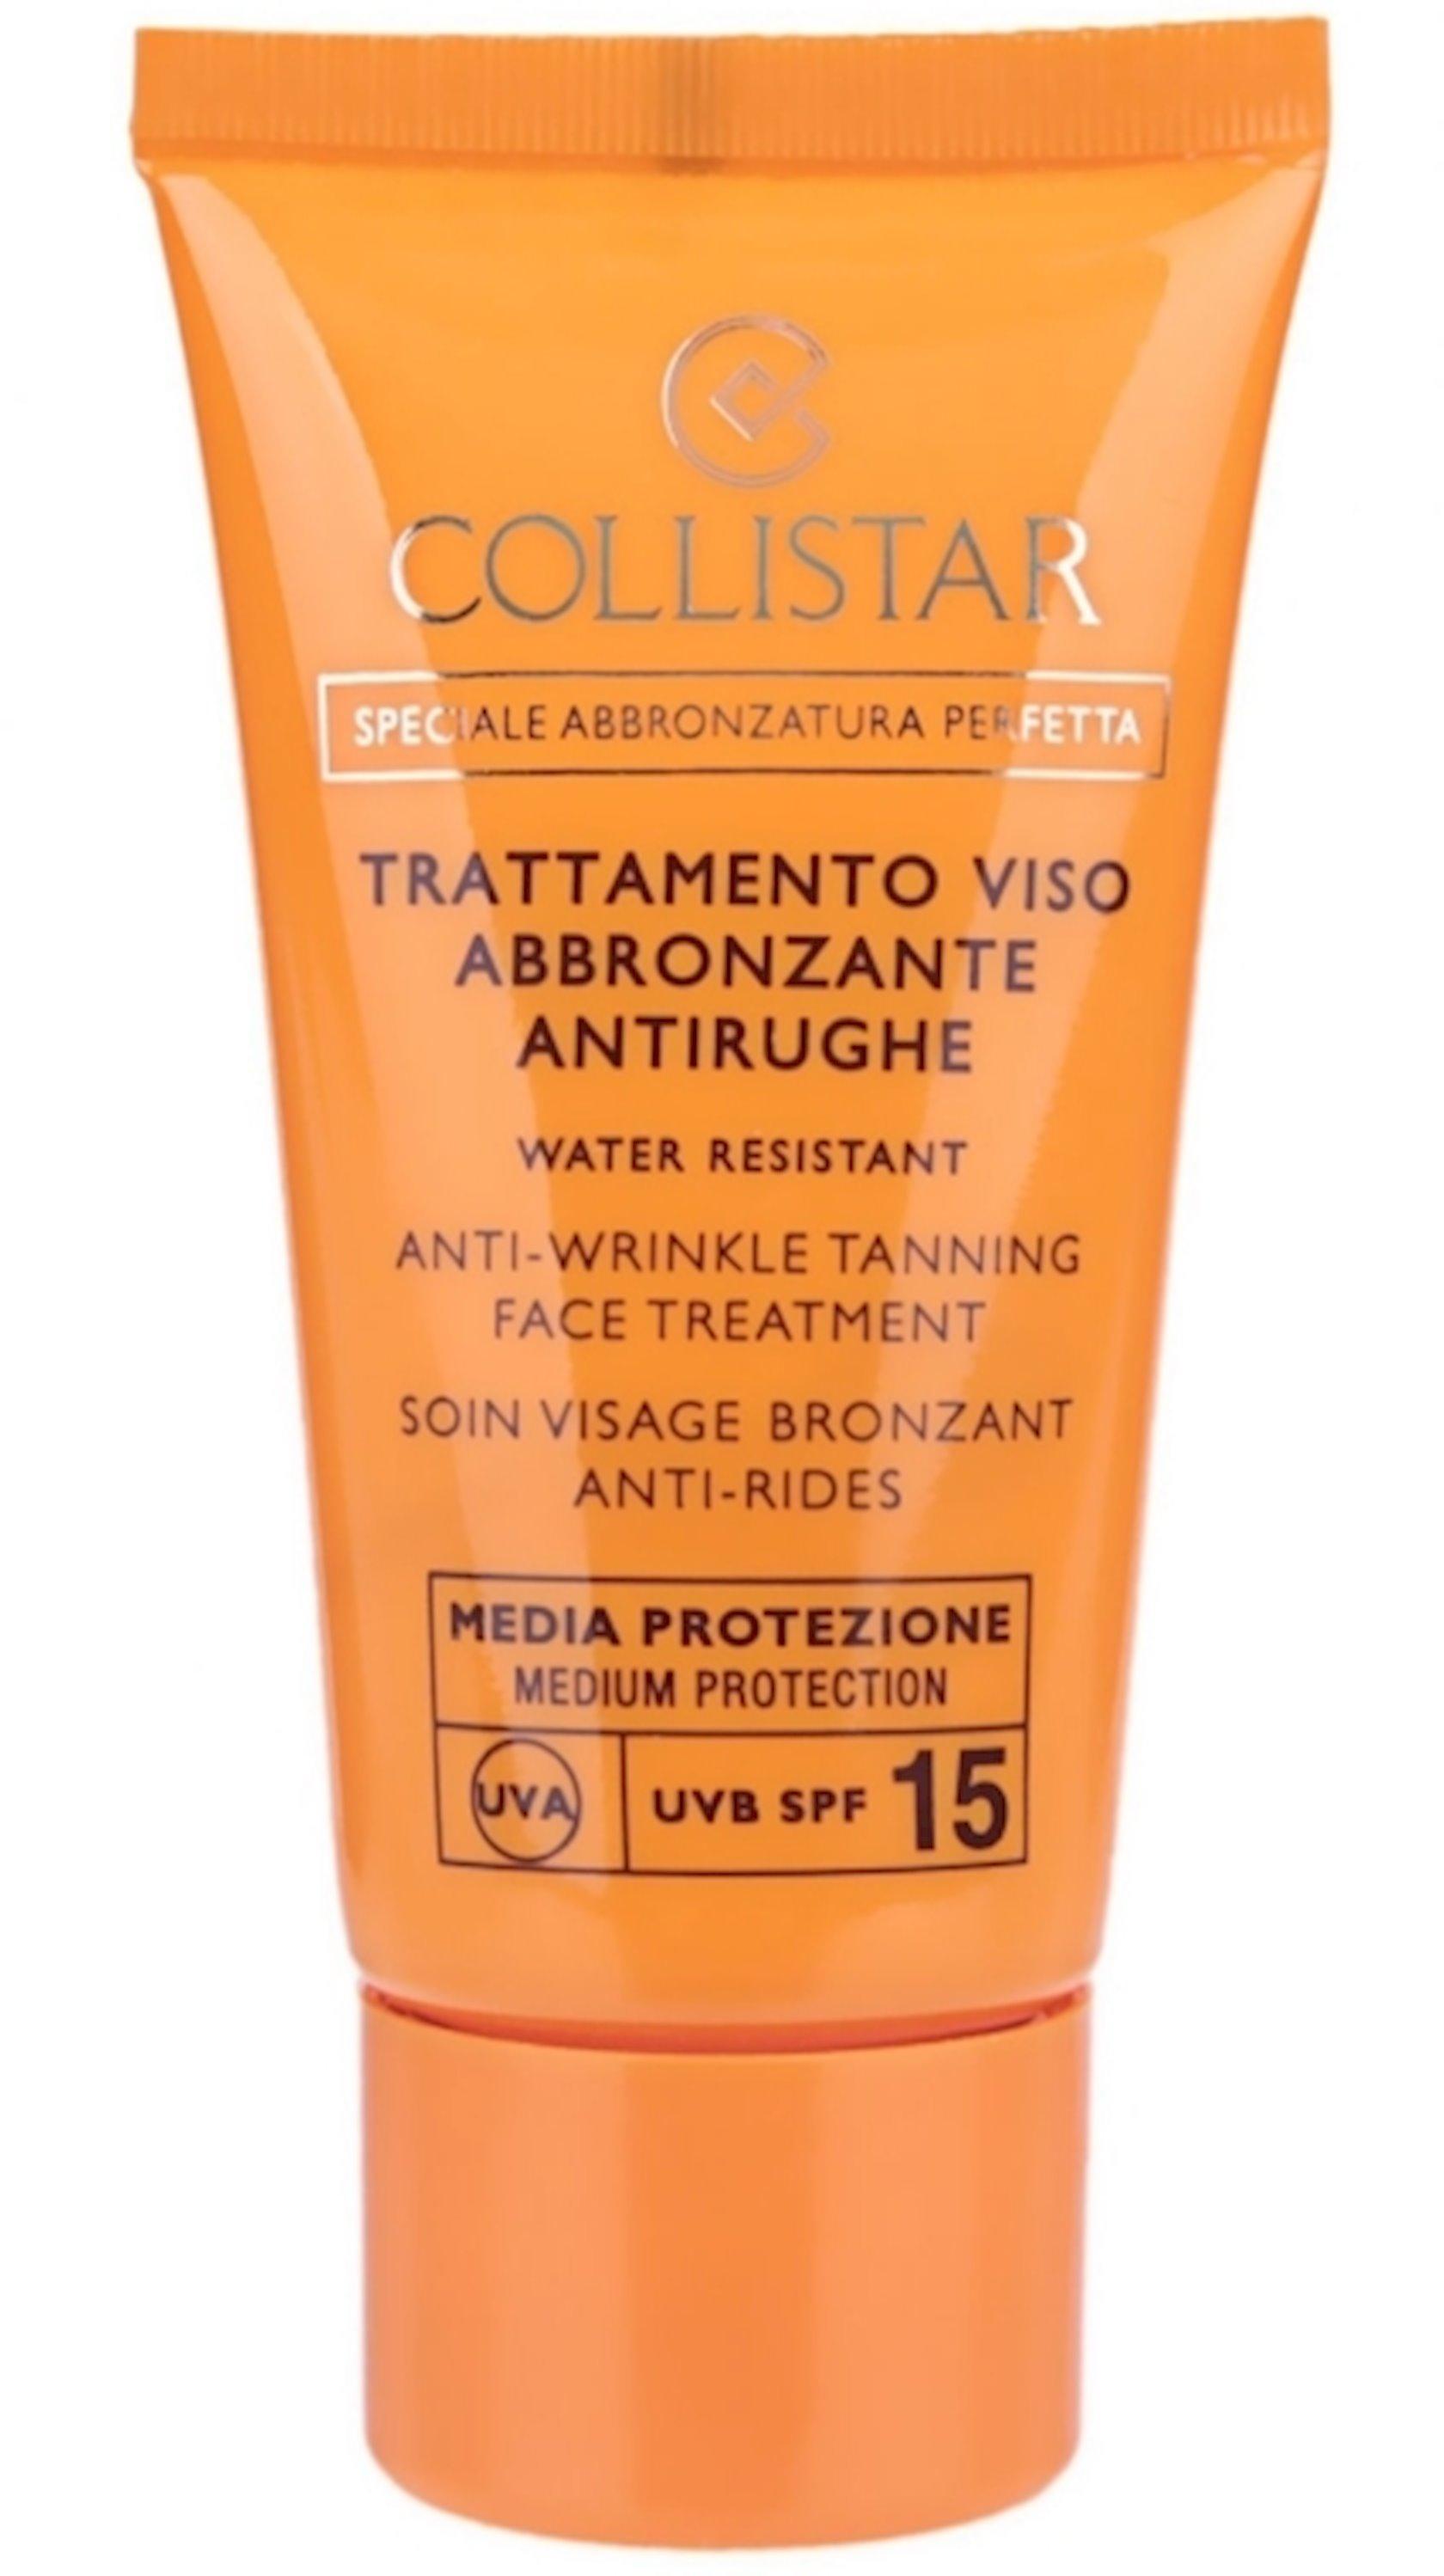 Günəşdən qoruyucu krem qırışlara qarşı Collistar Speciale Abbronztura Perfetta Anti-Wrinkle Tanning